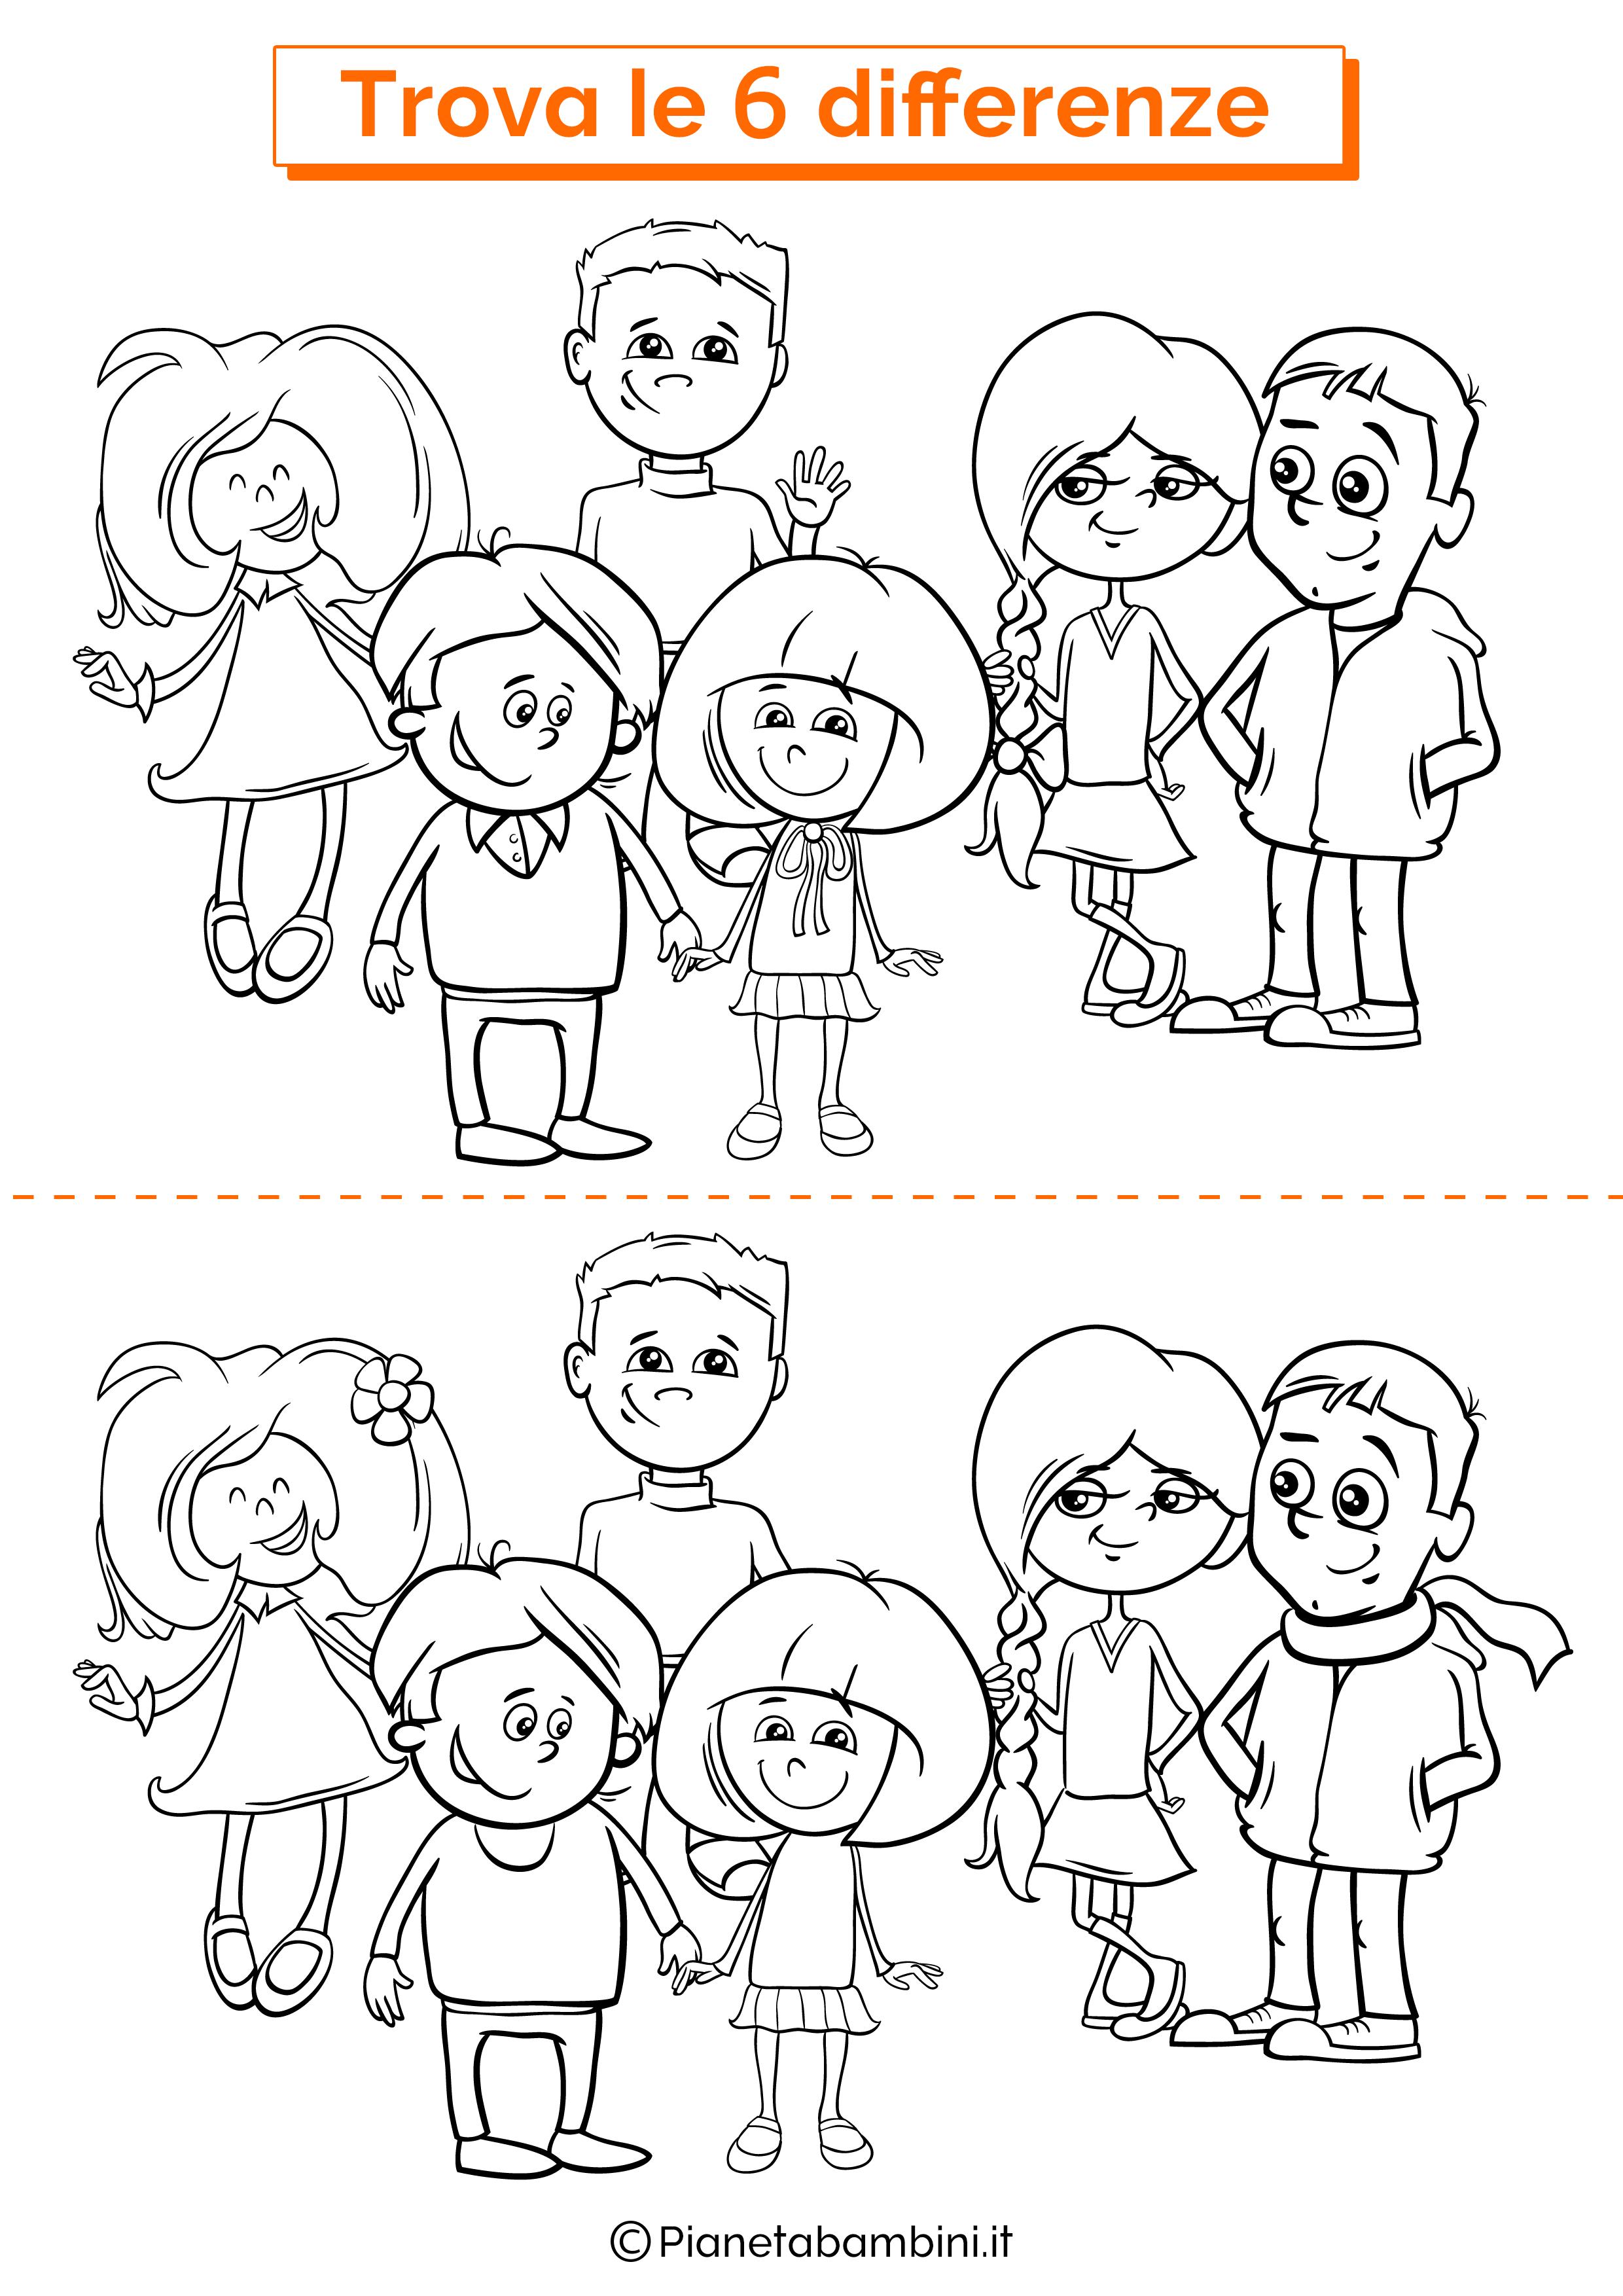 Disegno trova 6 differenze bambini